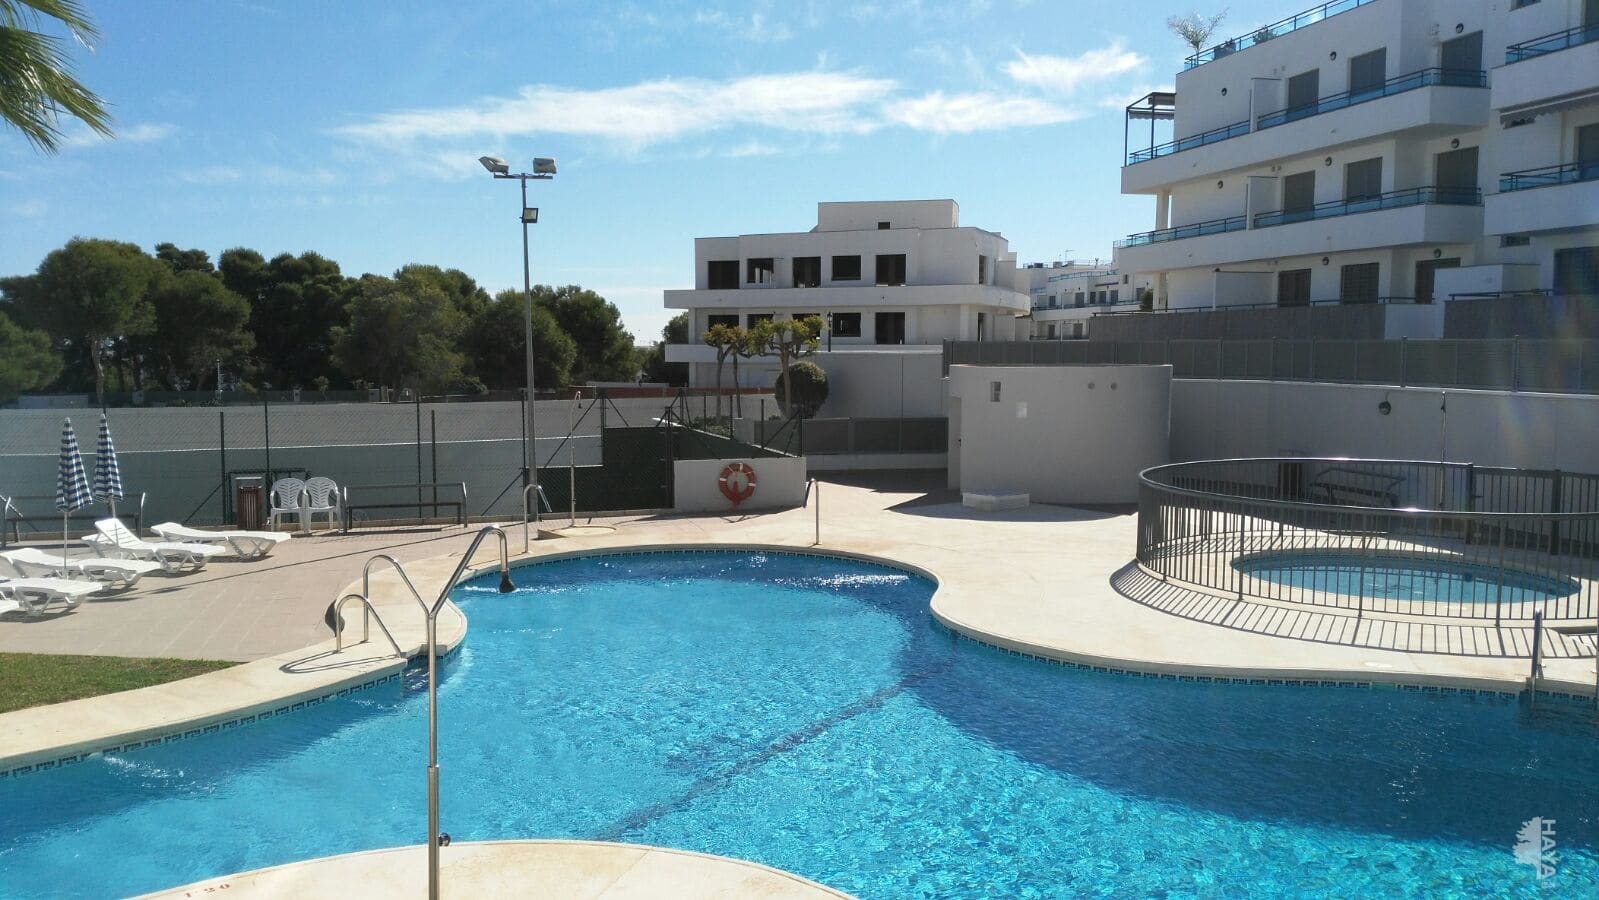 Piso en venta en Garrucha, Garrucha, Almería, Calle Murillo, 118.900 €, 2 habitaciones, 2 baños, 91 m2